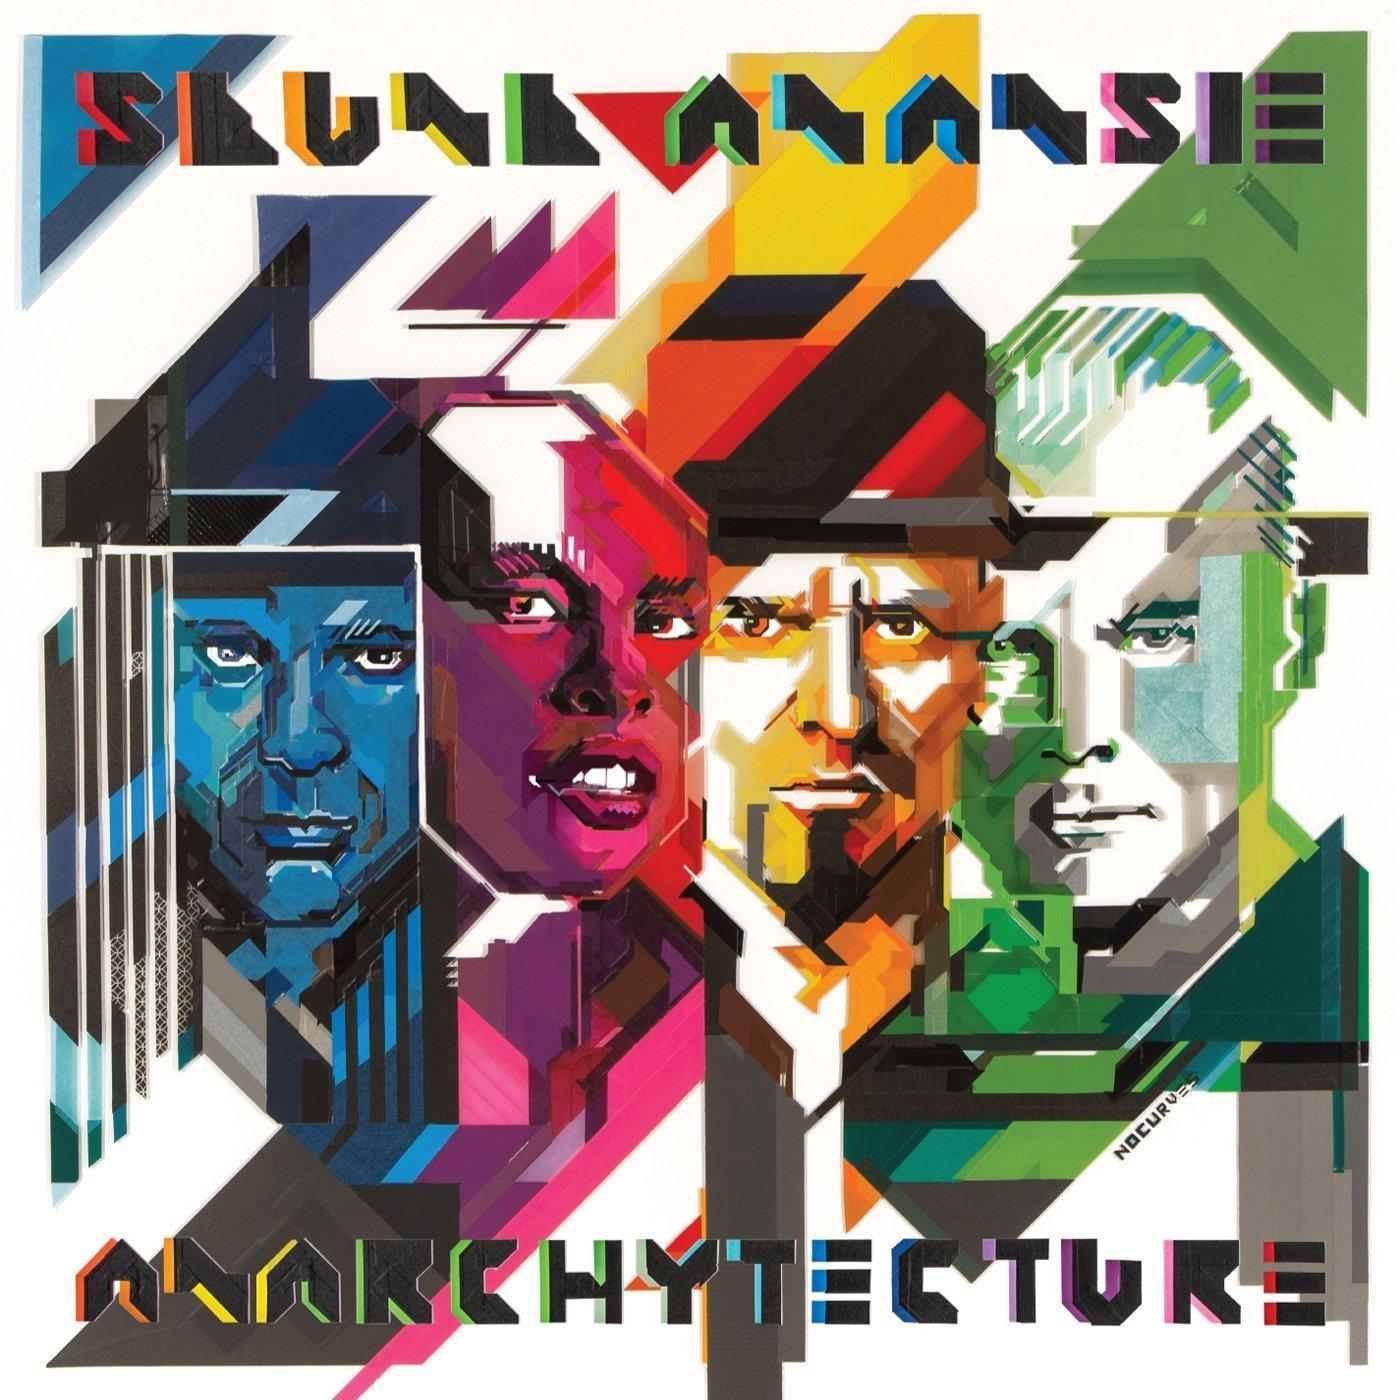 recensione-Skunk Anansie- Anarchytecture